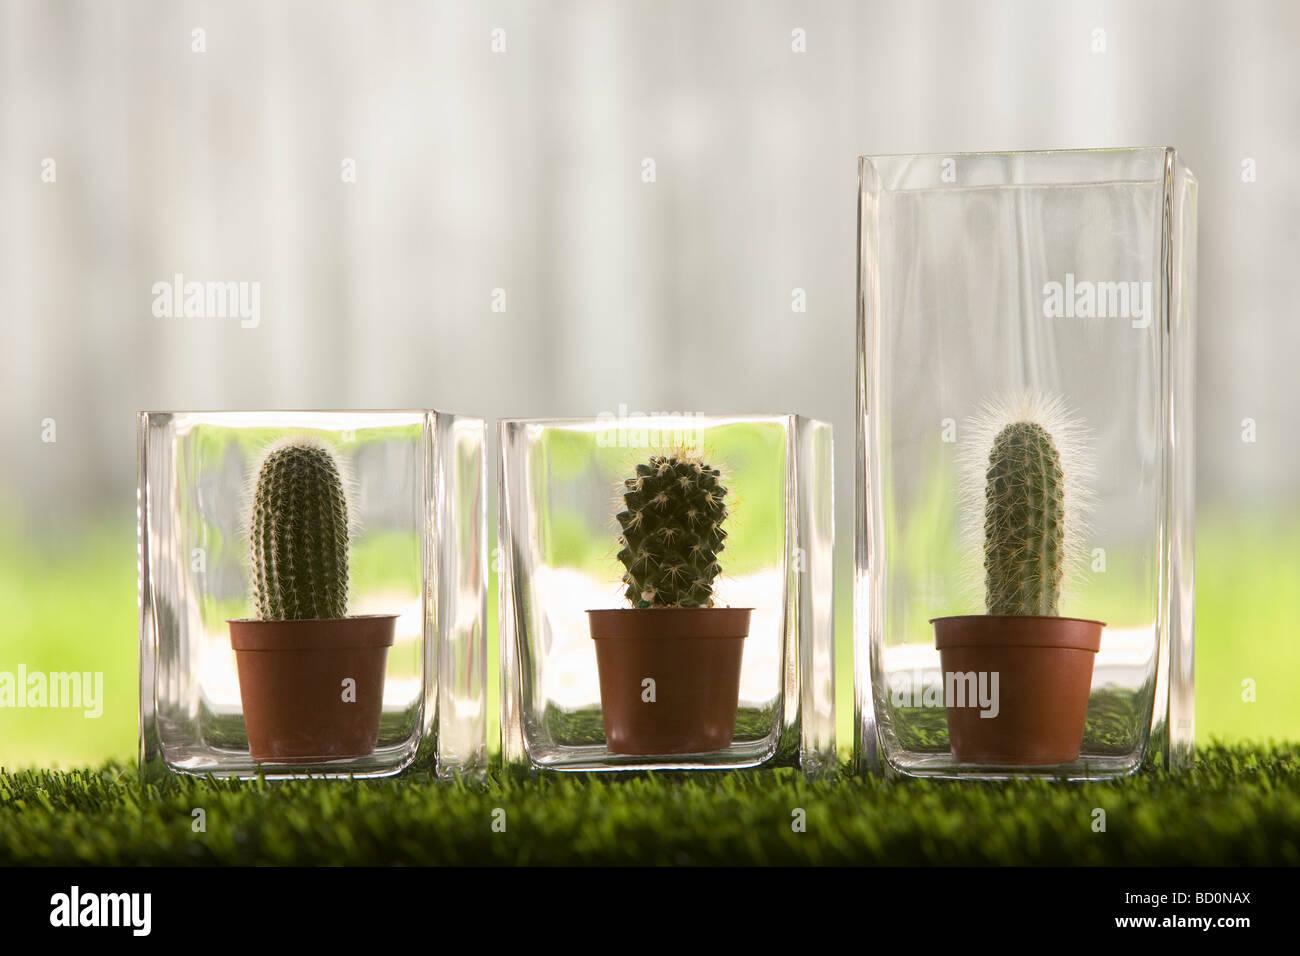 Cacti in glass vases Stock Photo